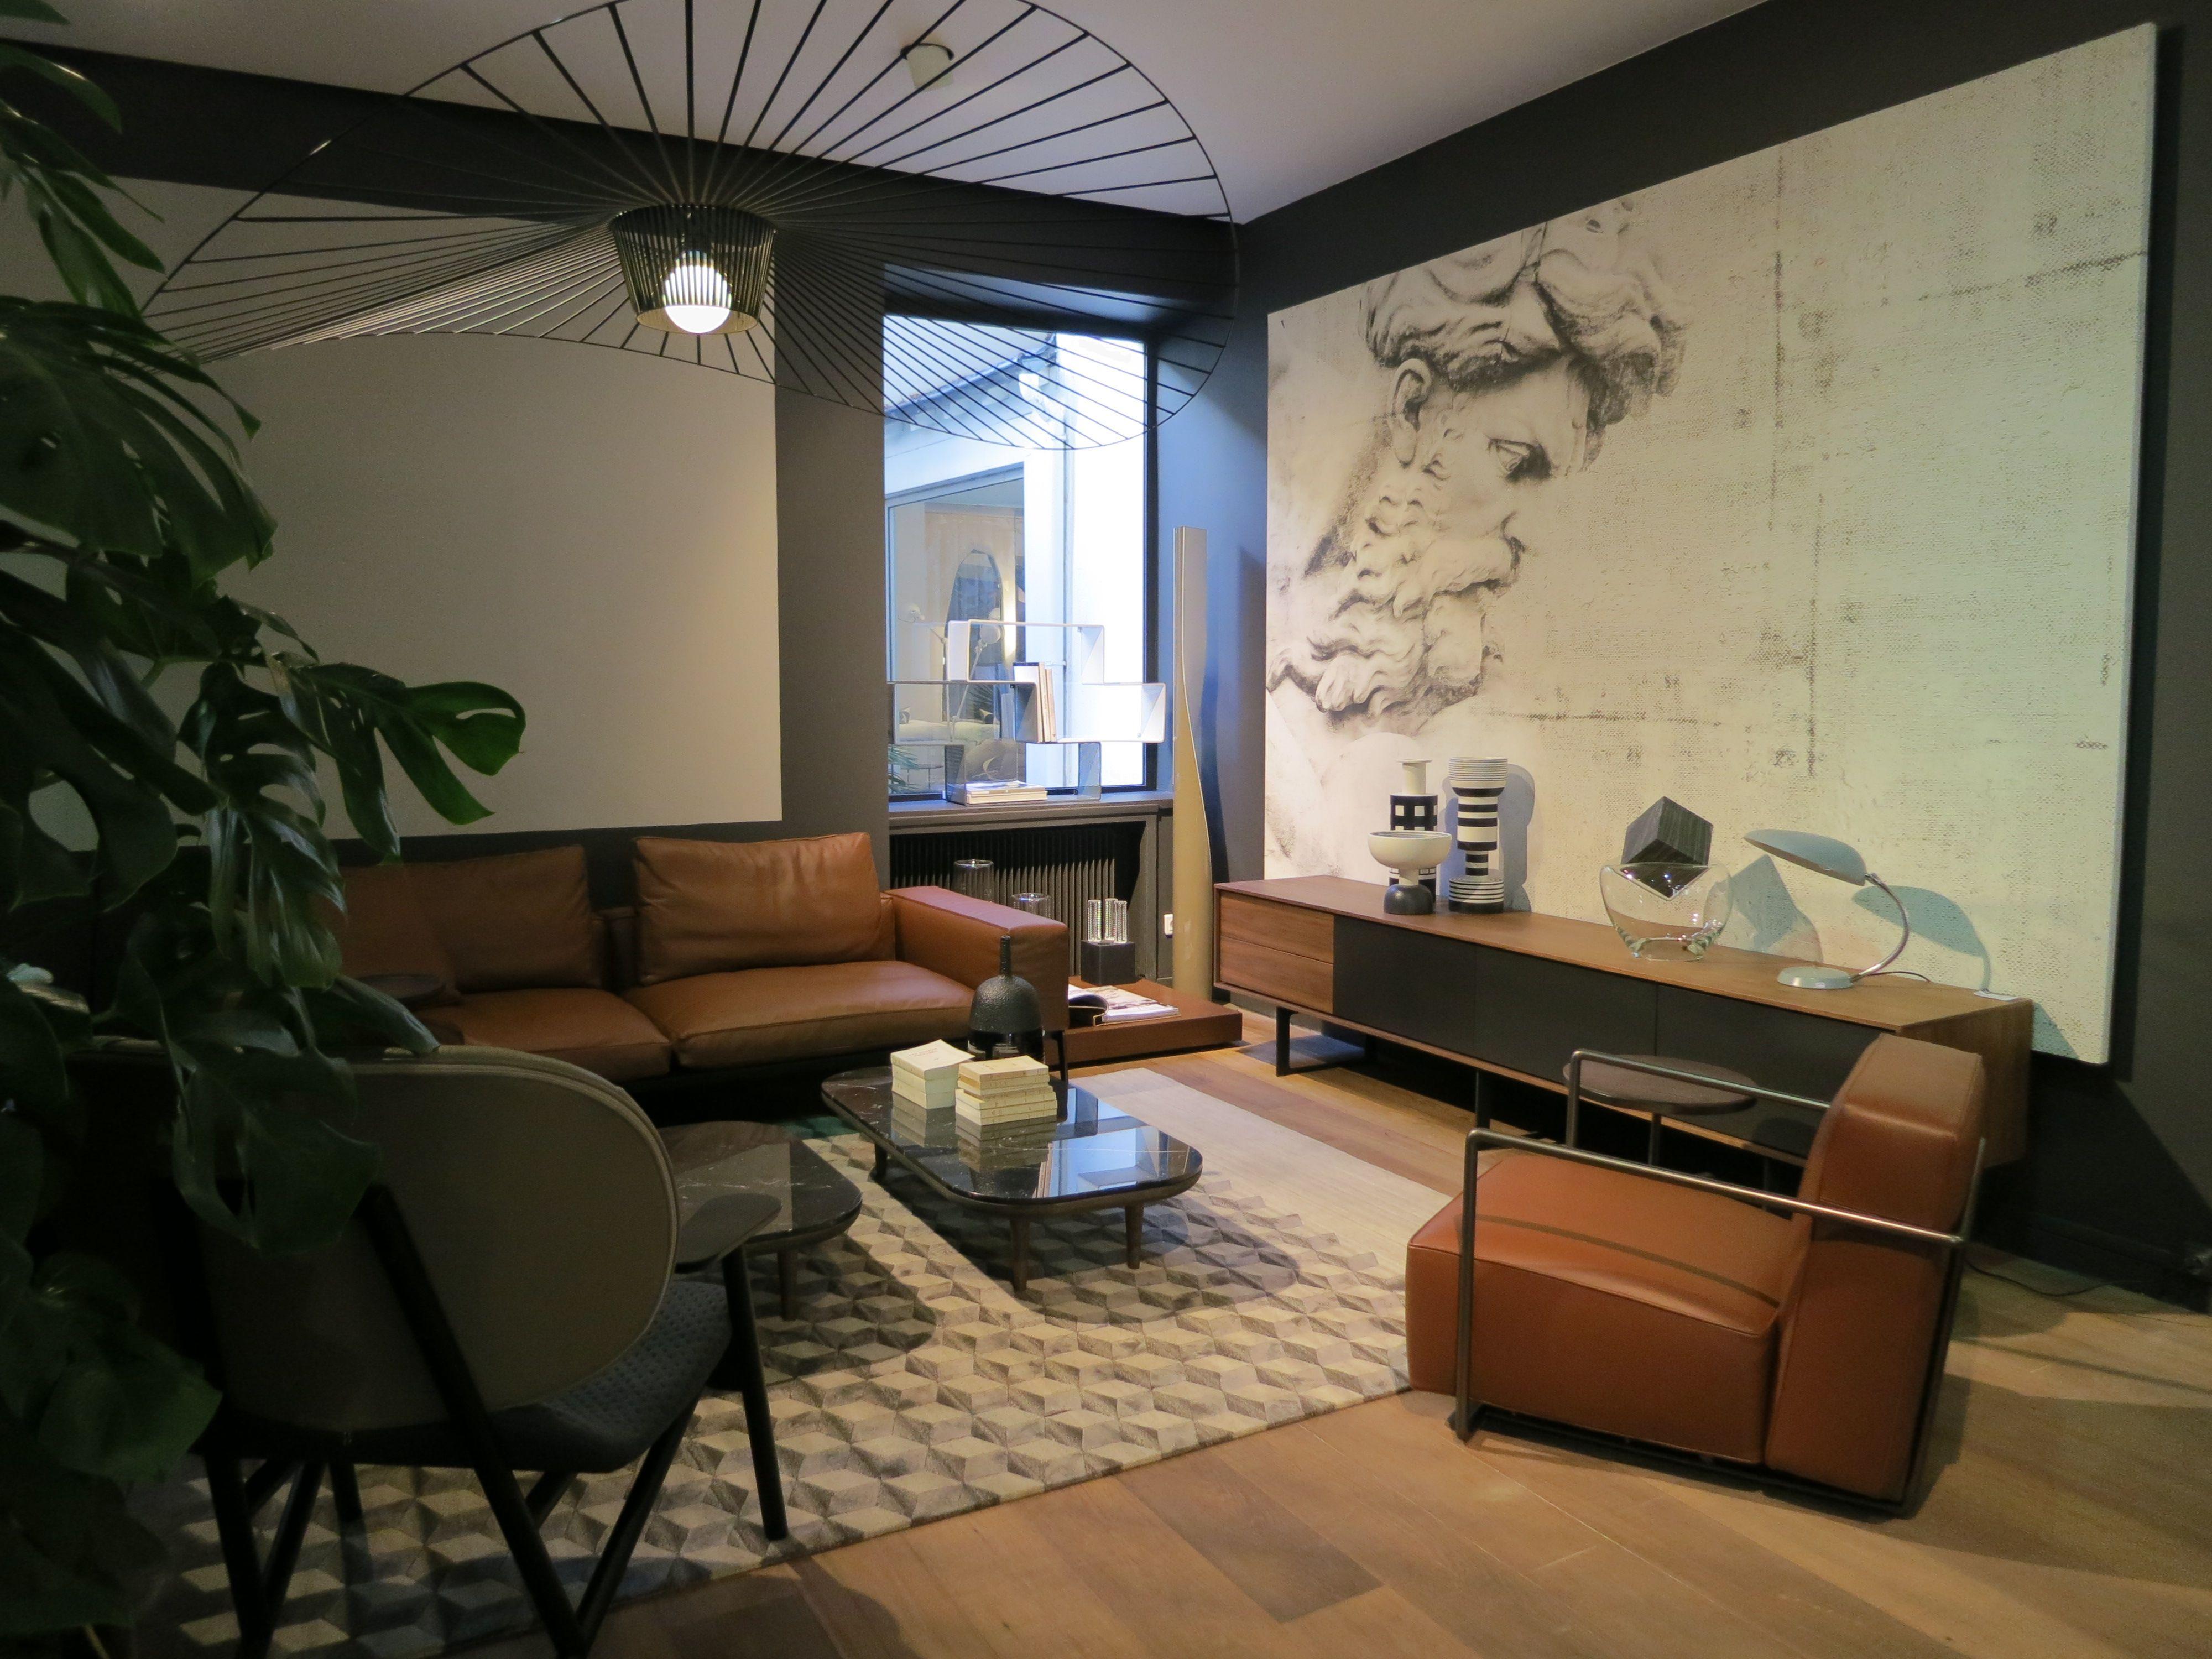 ambiance claude cartier d coration 25 rue auguste comte 69002 mobilier contemporain lyon. Black Bedroom Furniture Sets. Home Design Ideas